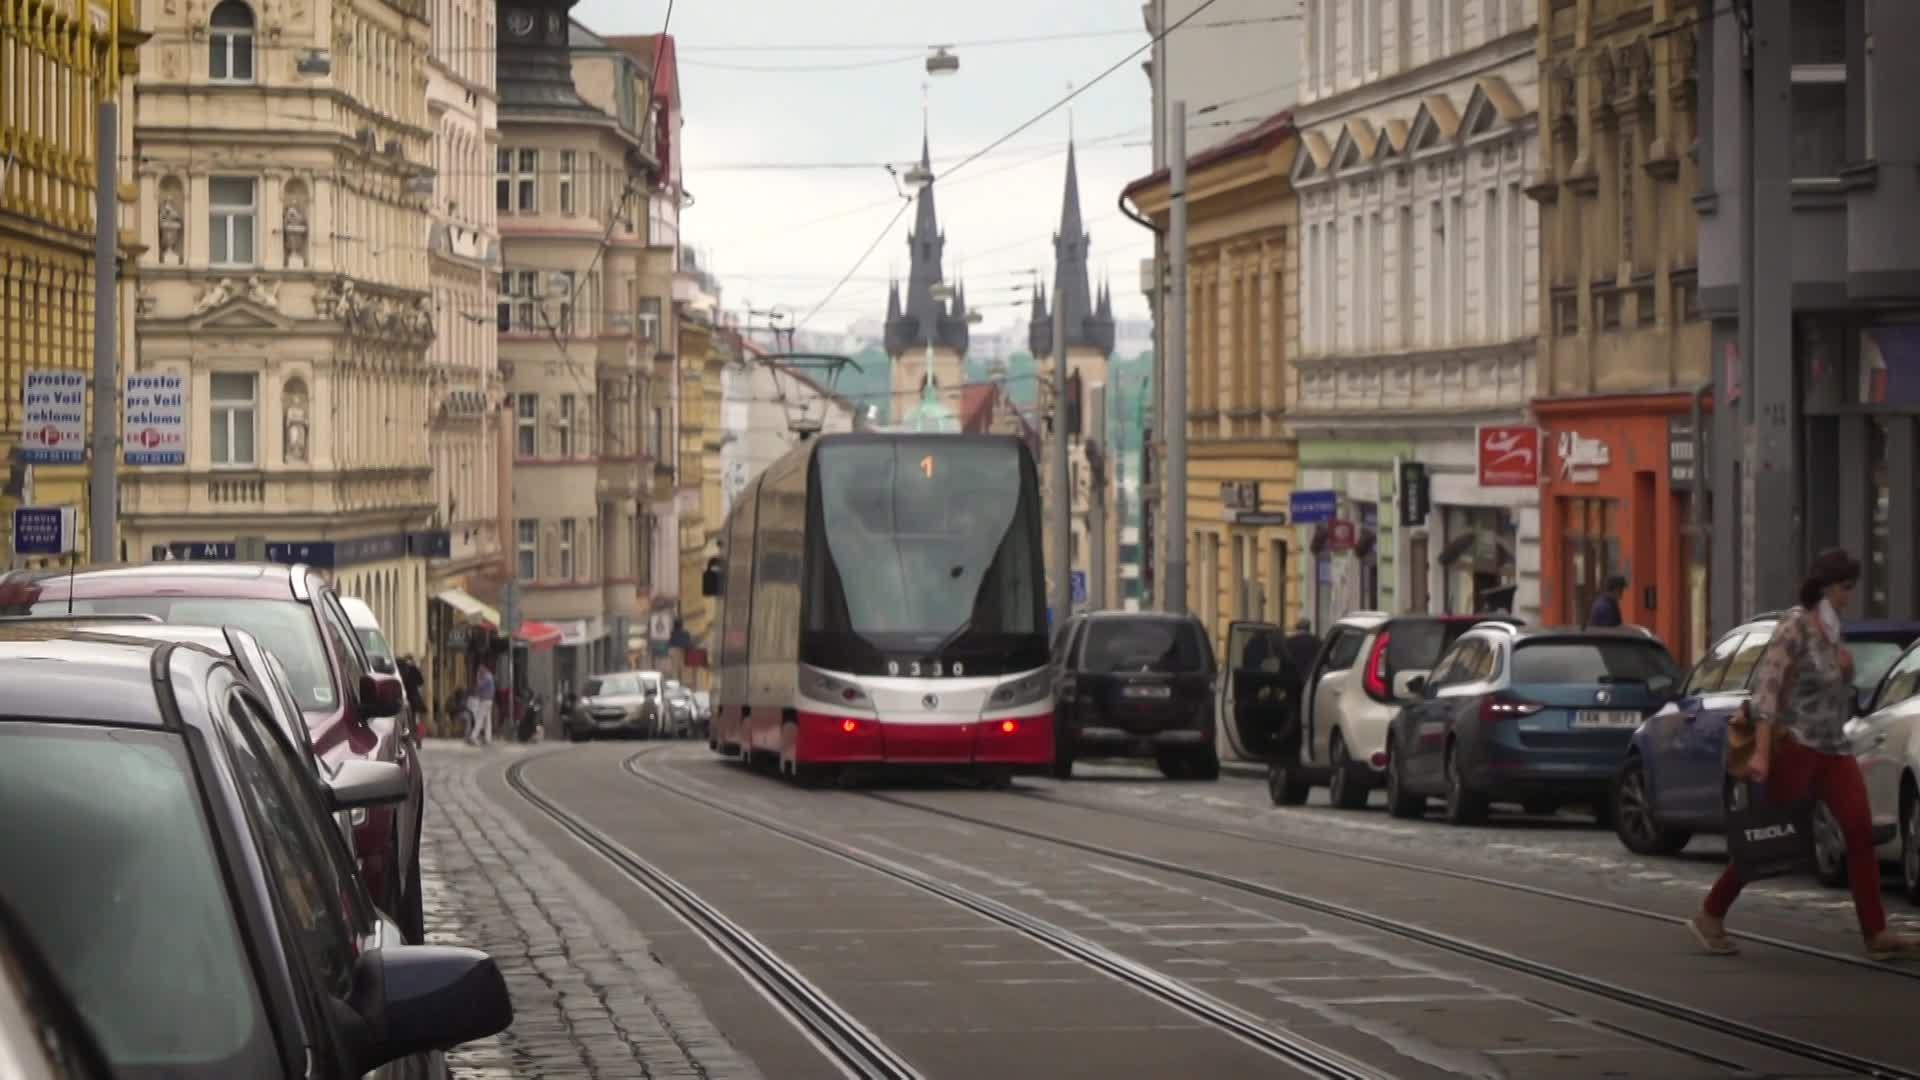 Praha, jak ji neznáte! Objevte tajemný hřbitov bláznů a pražské podsvětí!